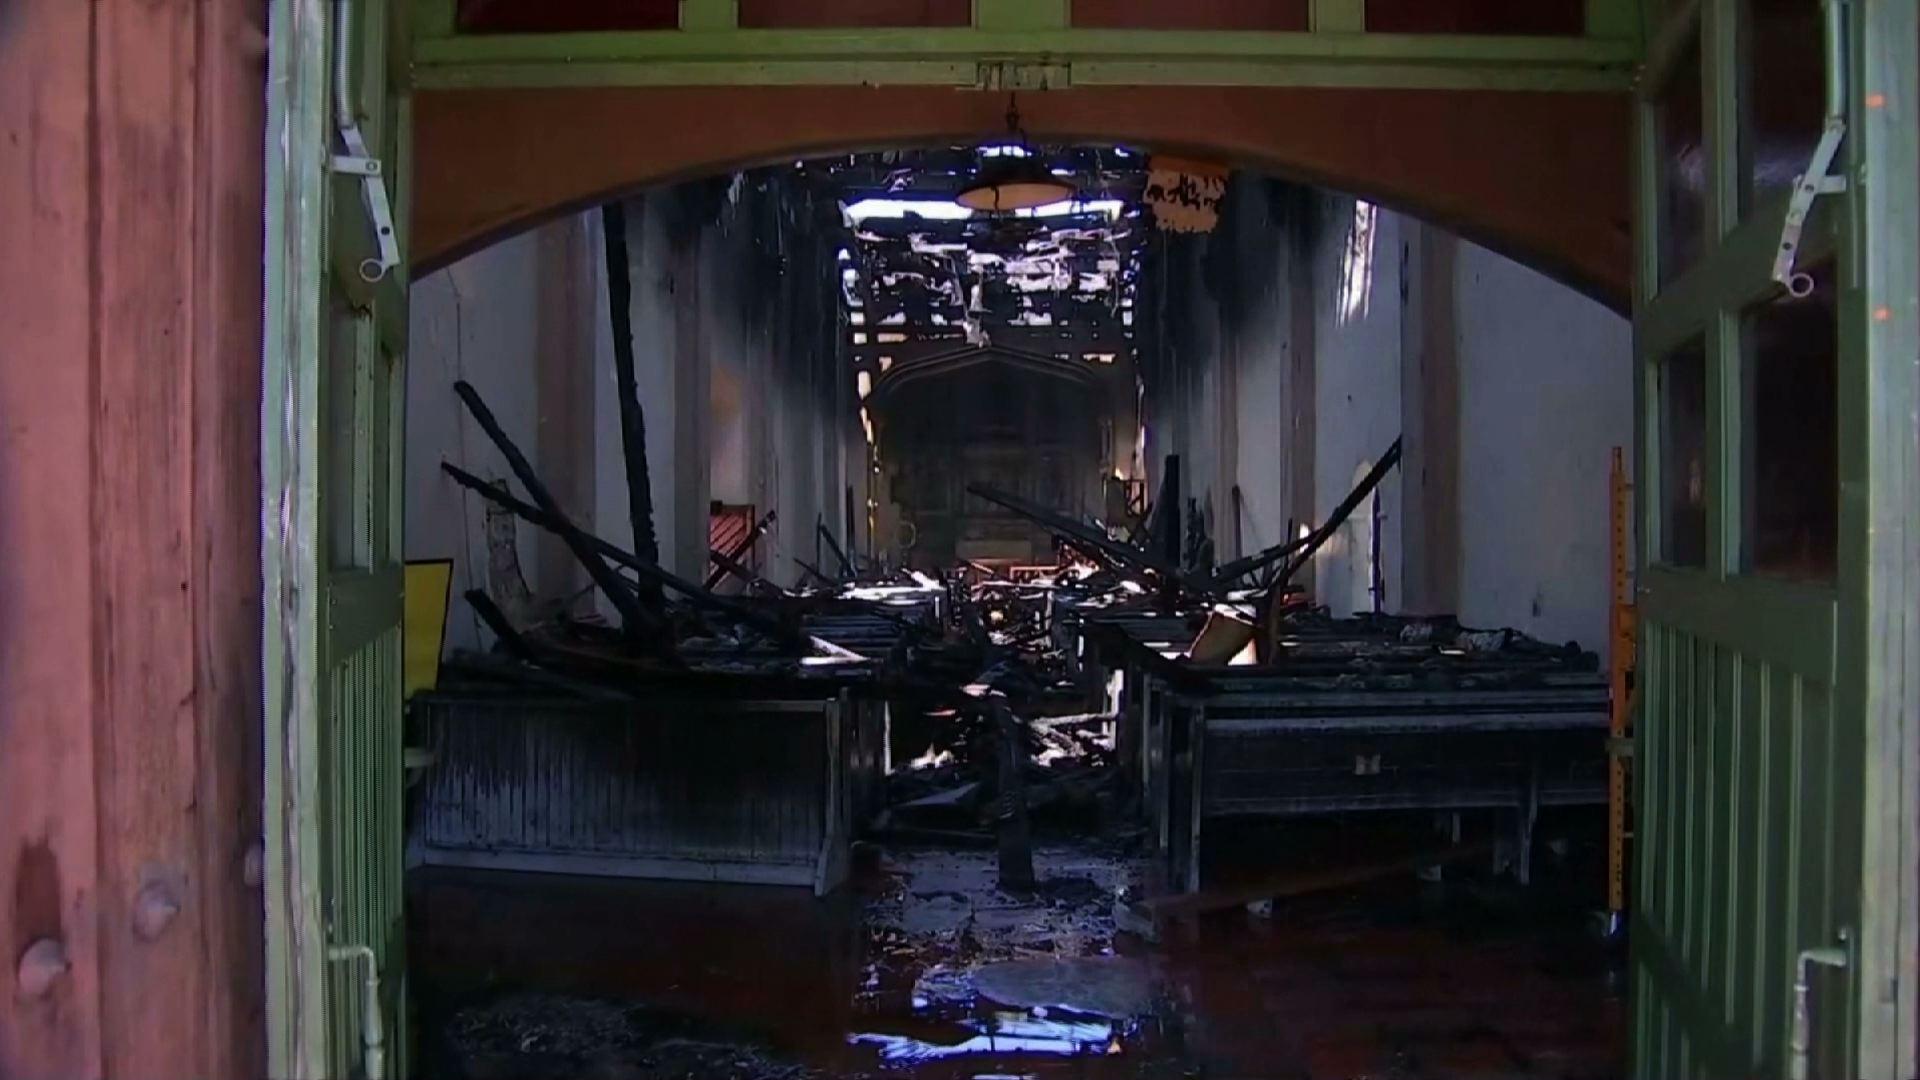 Cảnh sát điều tra truy tìm nguyên nhân gây ra vụ cháy lớn làm hư hại nhà thờ San Gabriel Mission